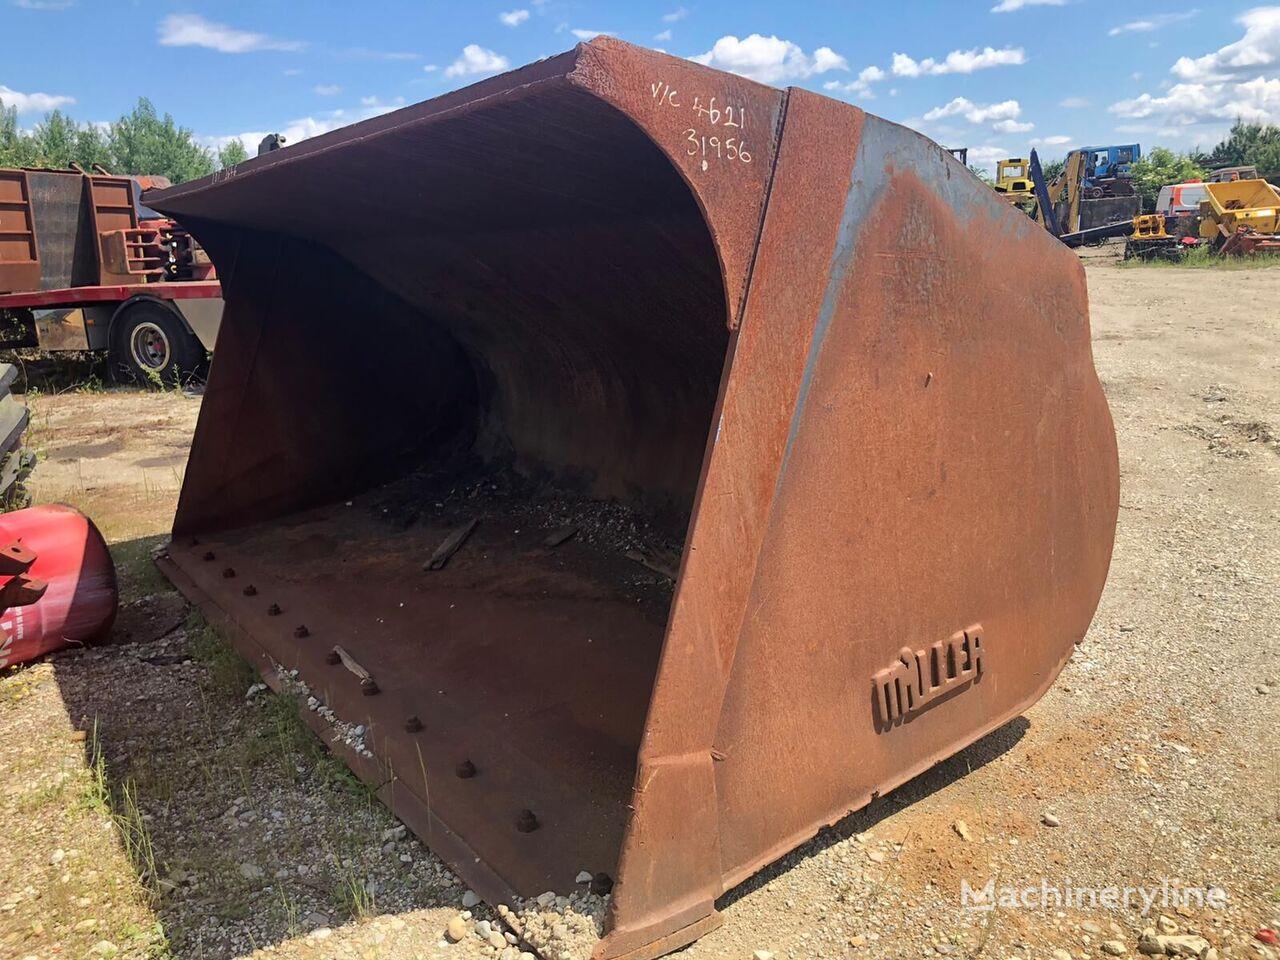 MILLER front loader bucket